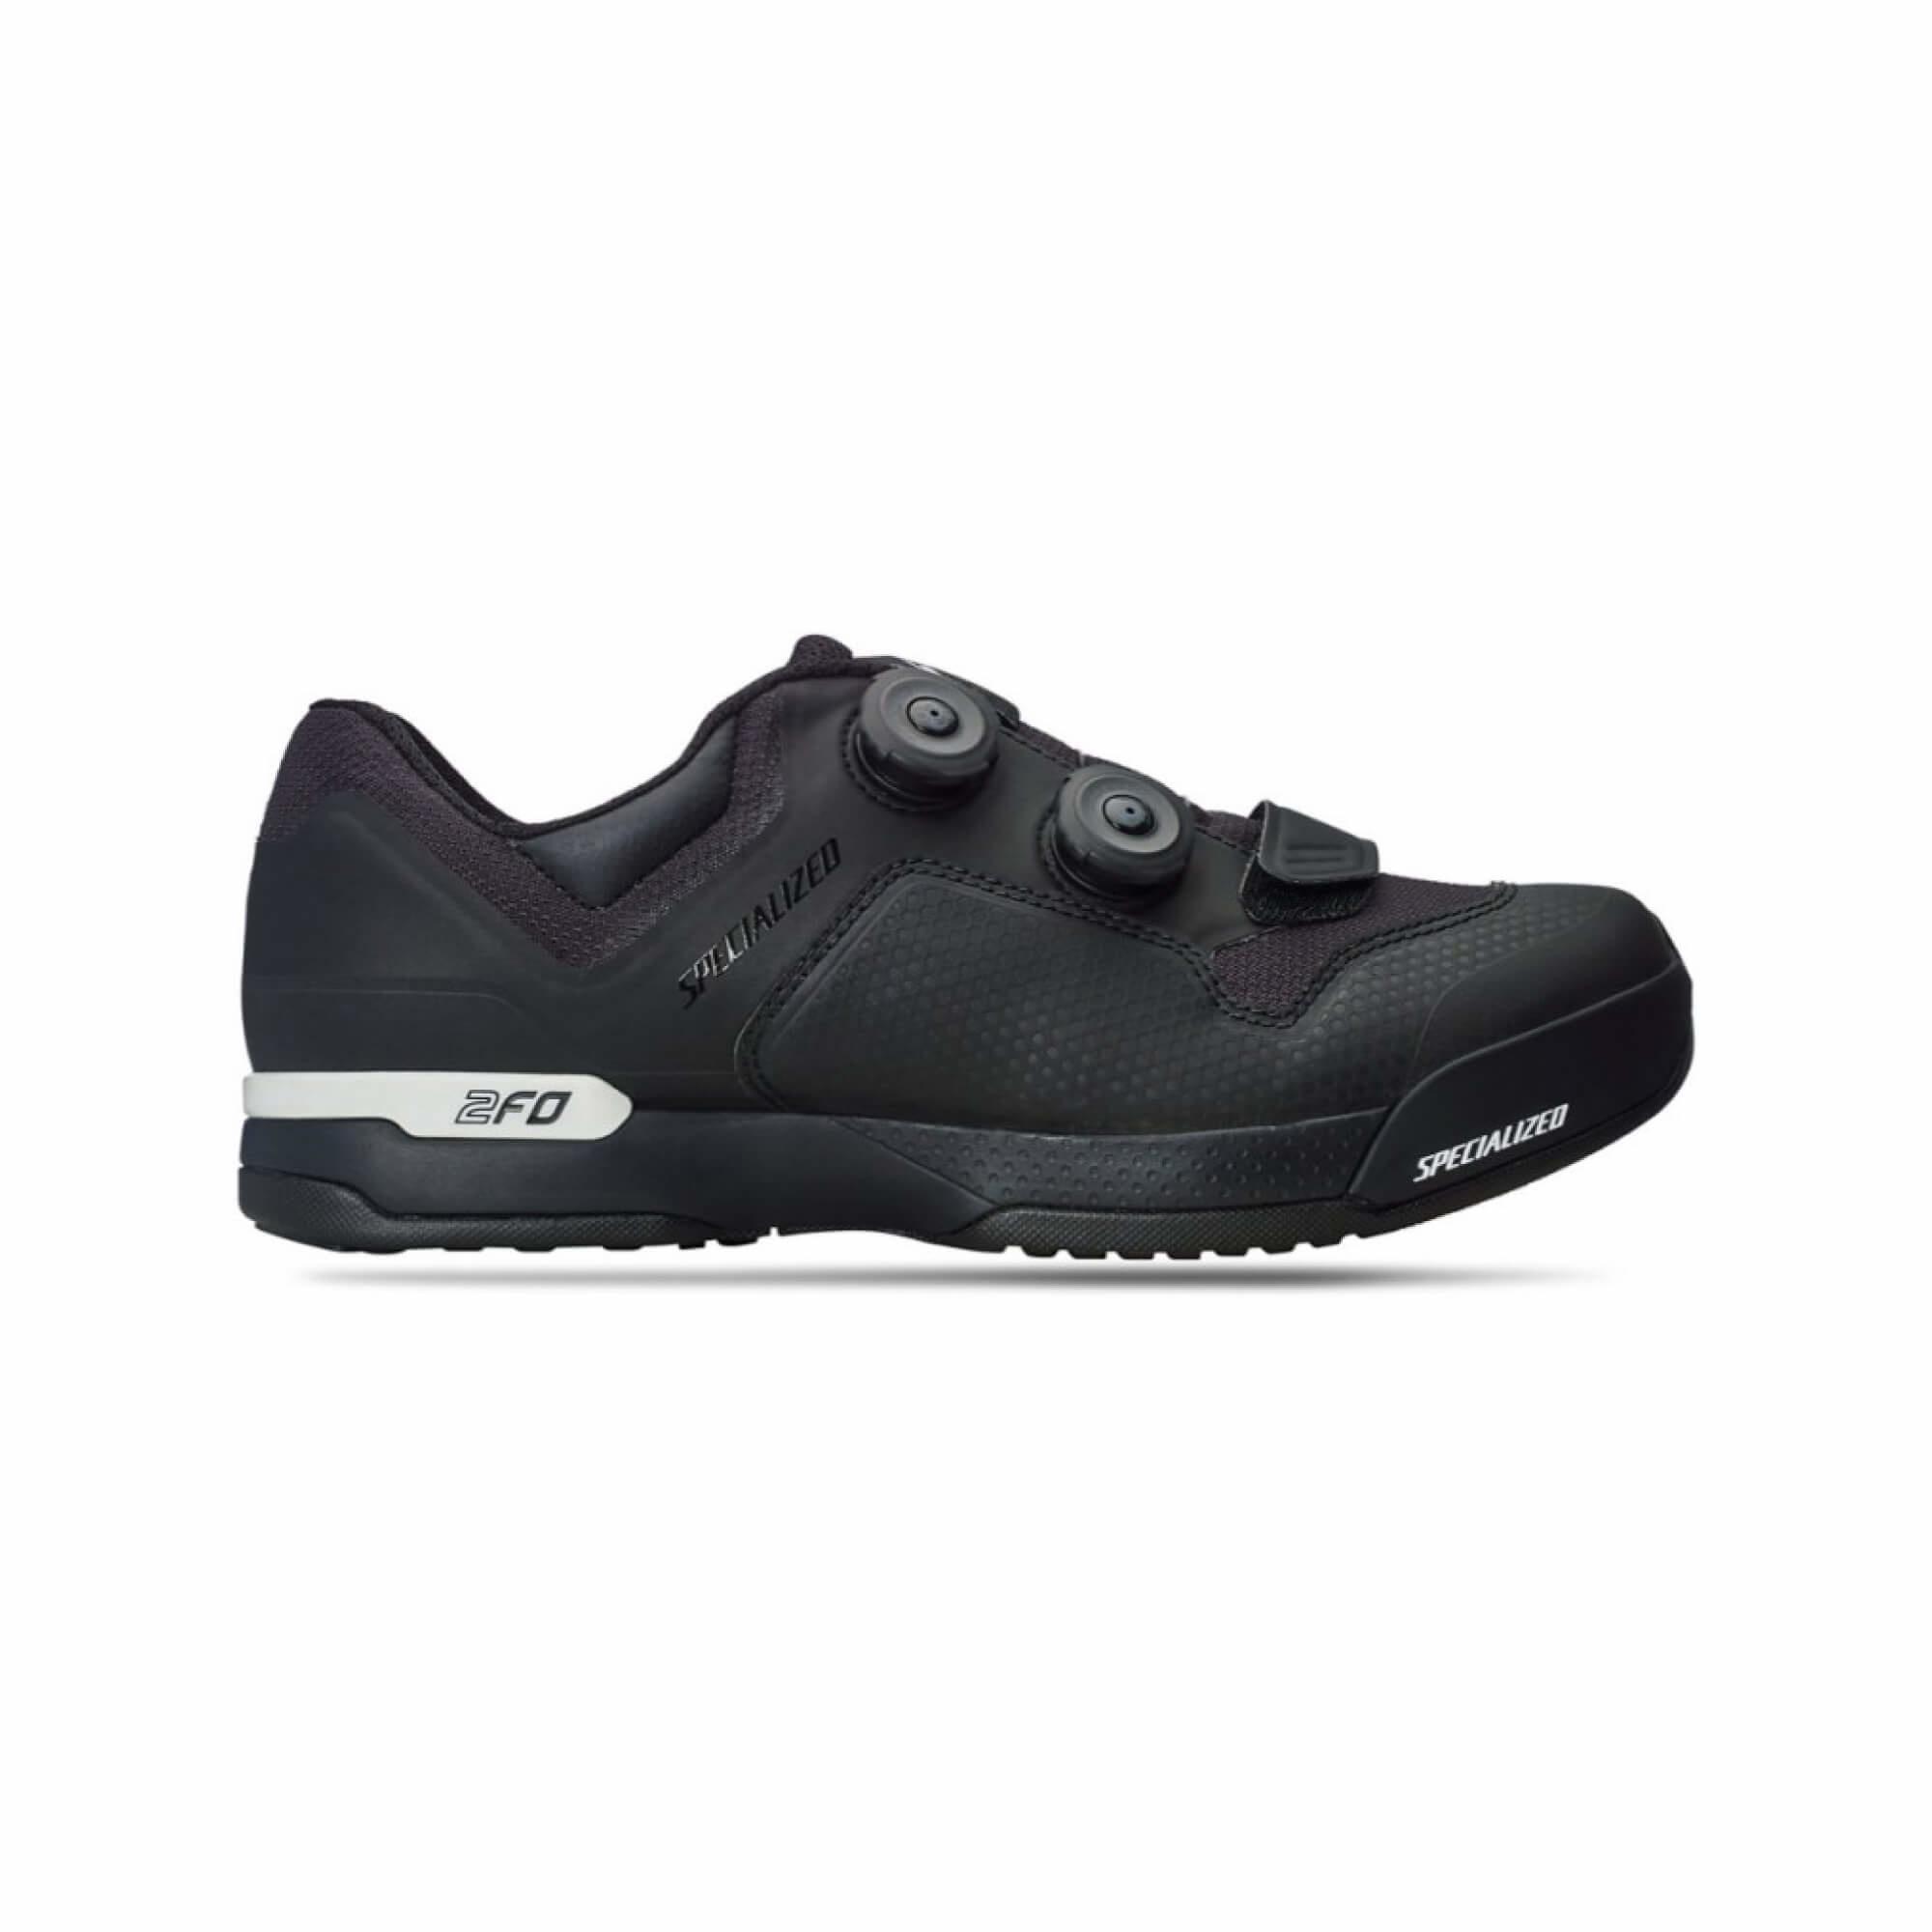 2FO Cliplite MTB Shoe Blk/Wht 41/8 Size: 41-1